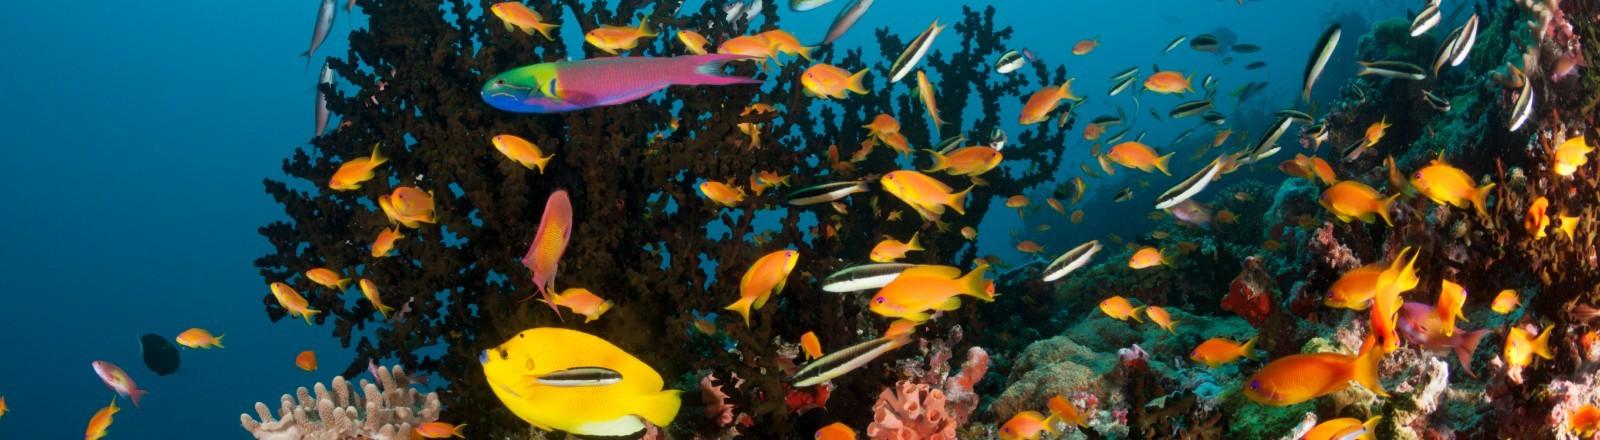 Das bunte Korallenriff Ari Atoll im Indischen Ozean.